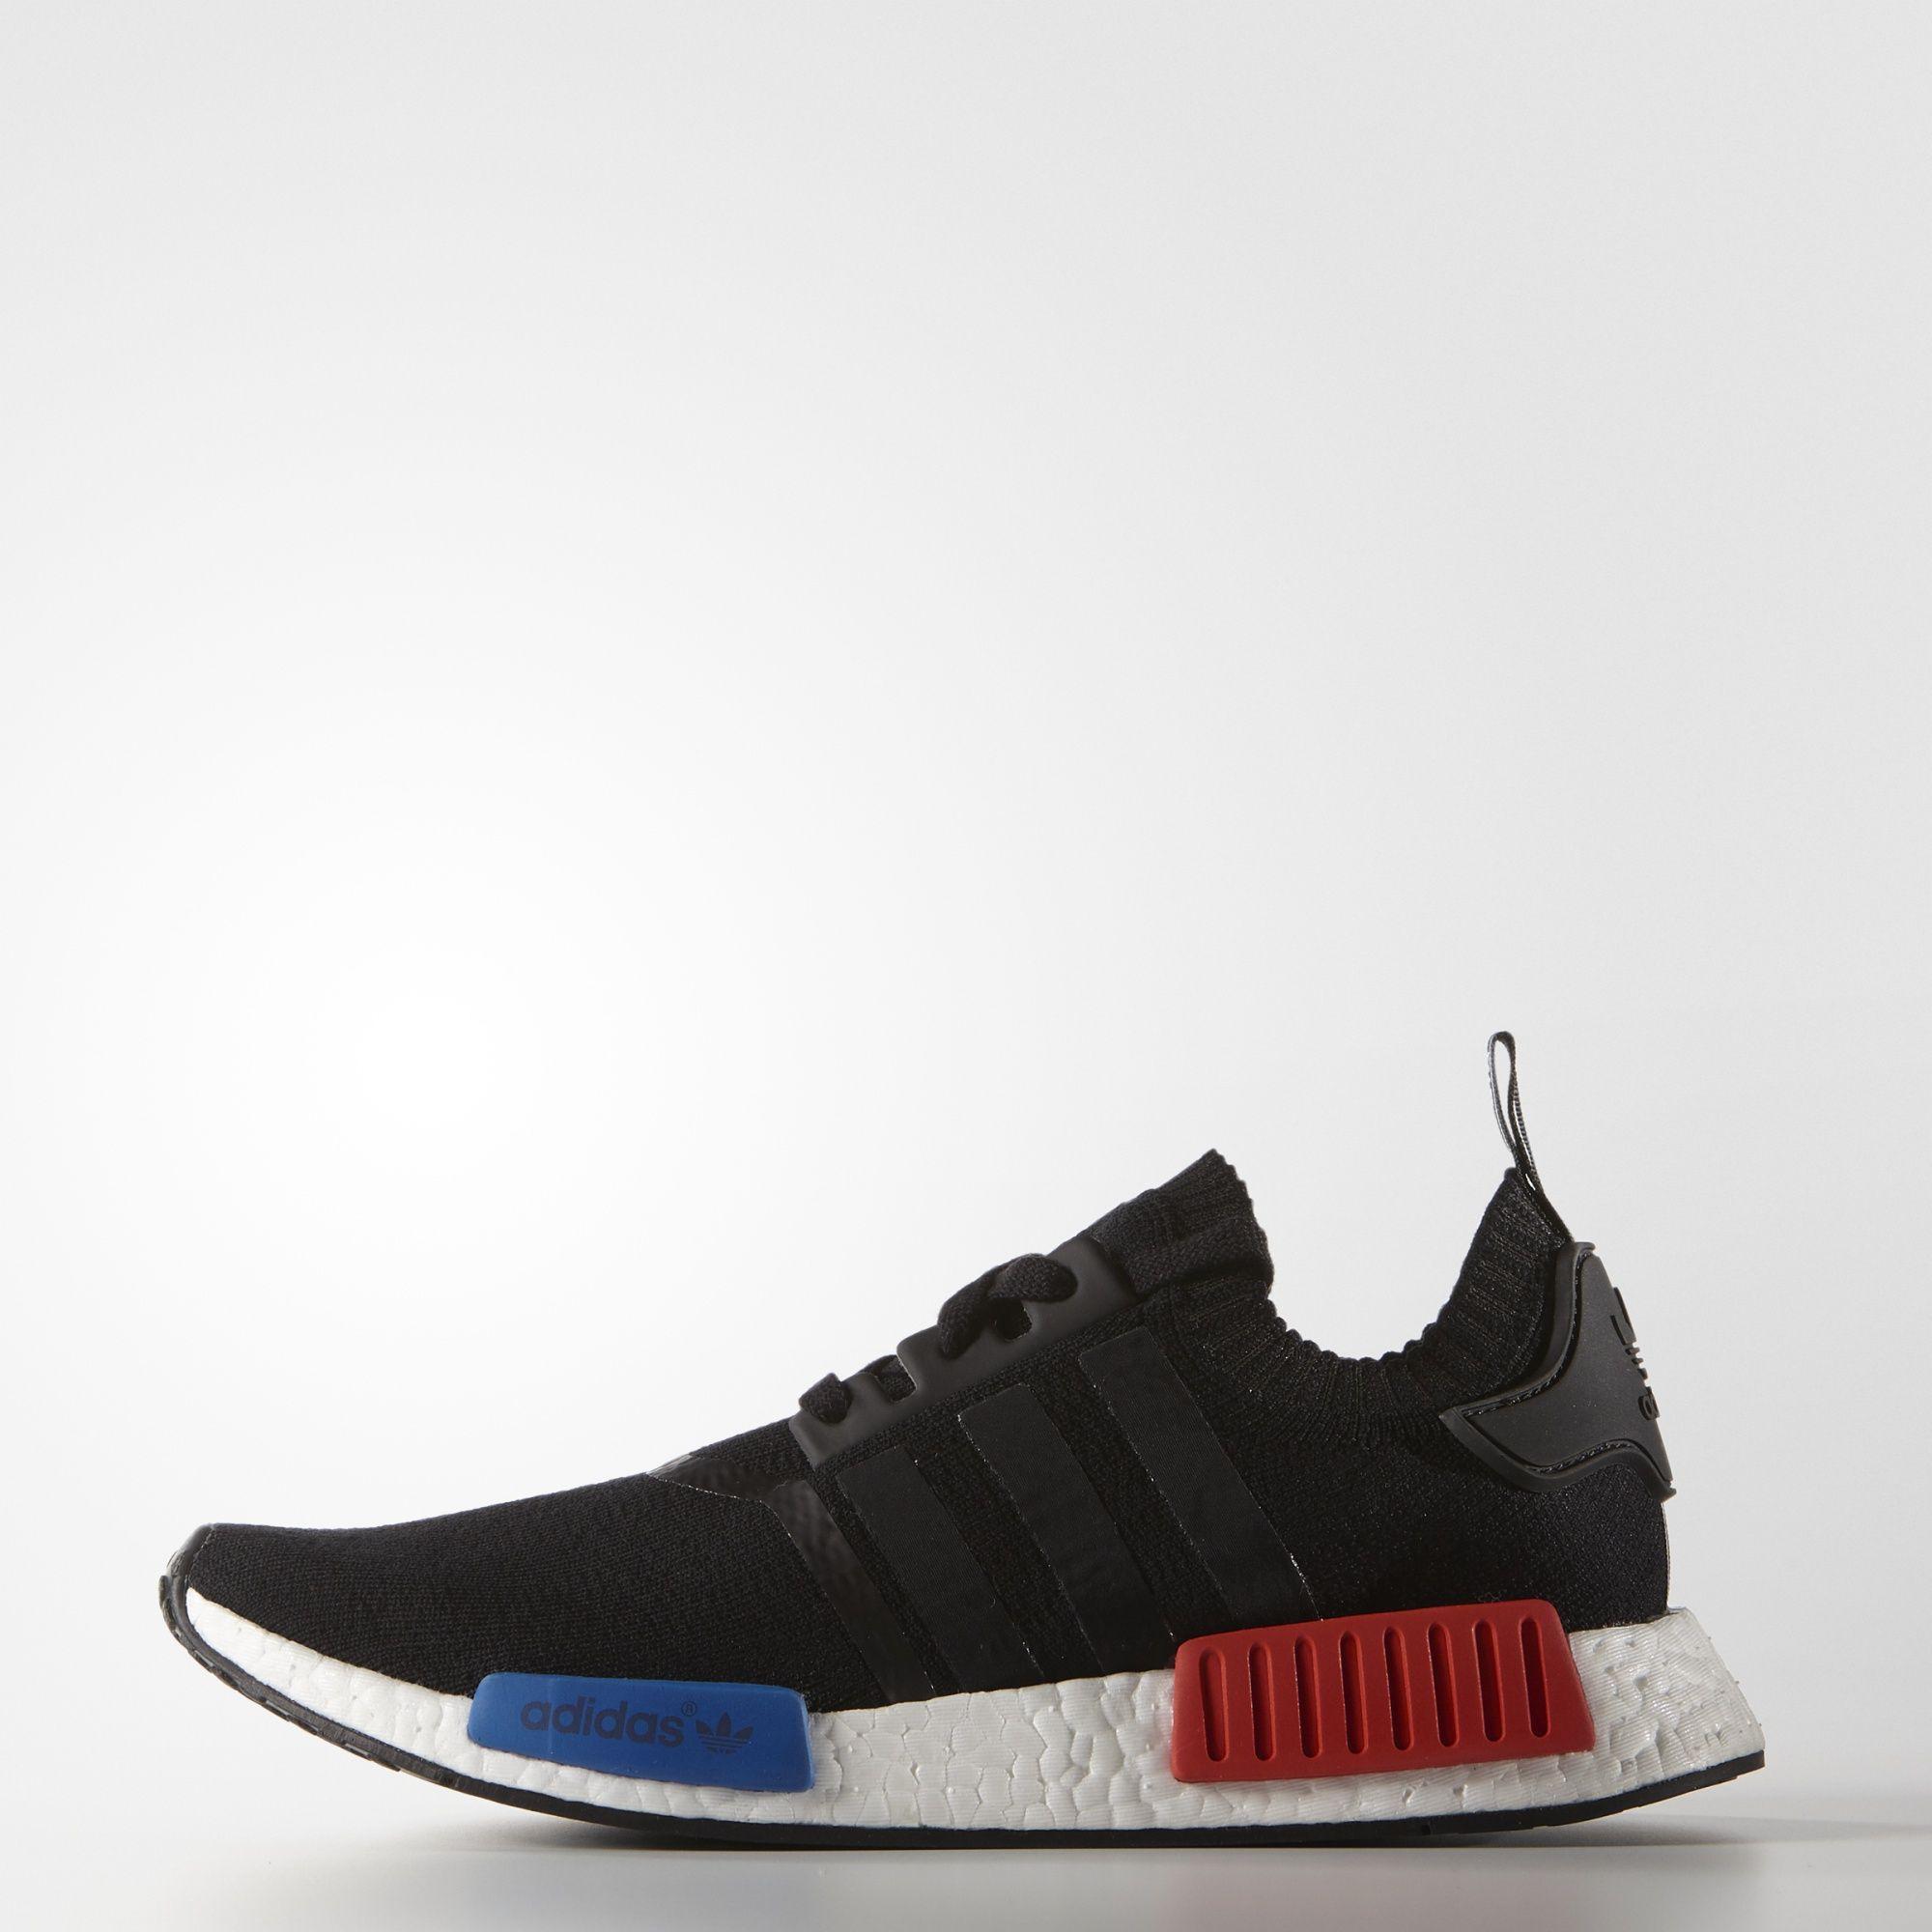 Adidas Chaussures De Sport Noir Primeknit Coureur Nmd bePVz